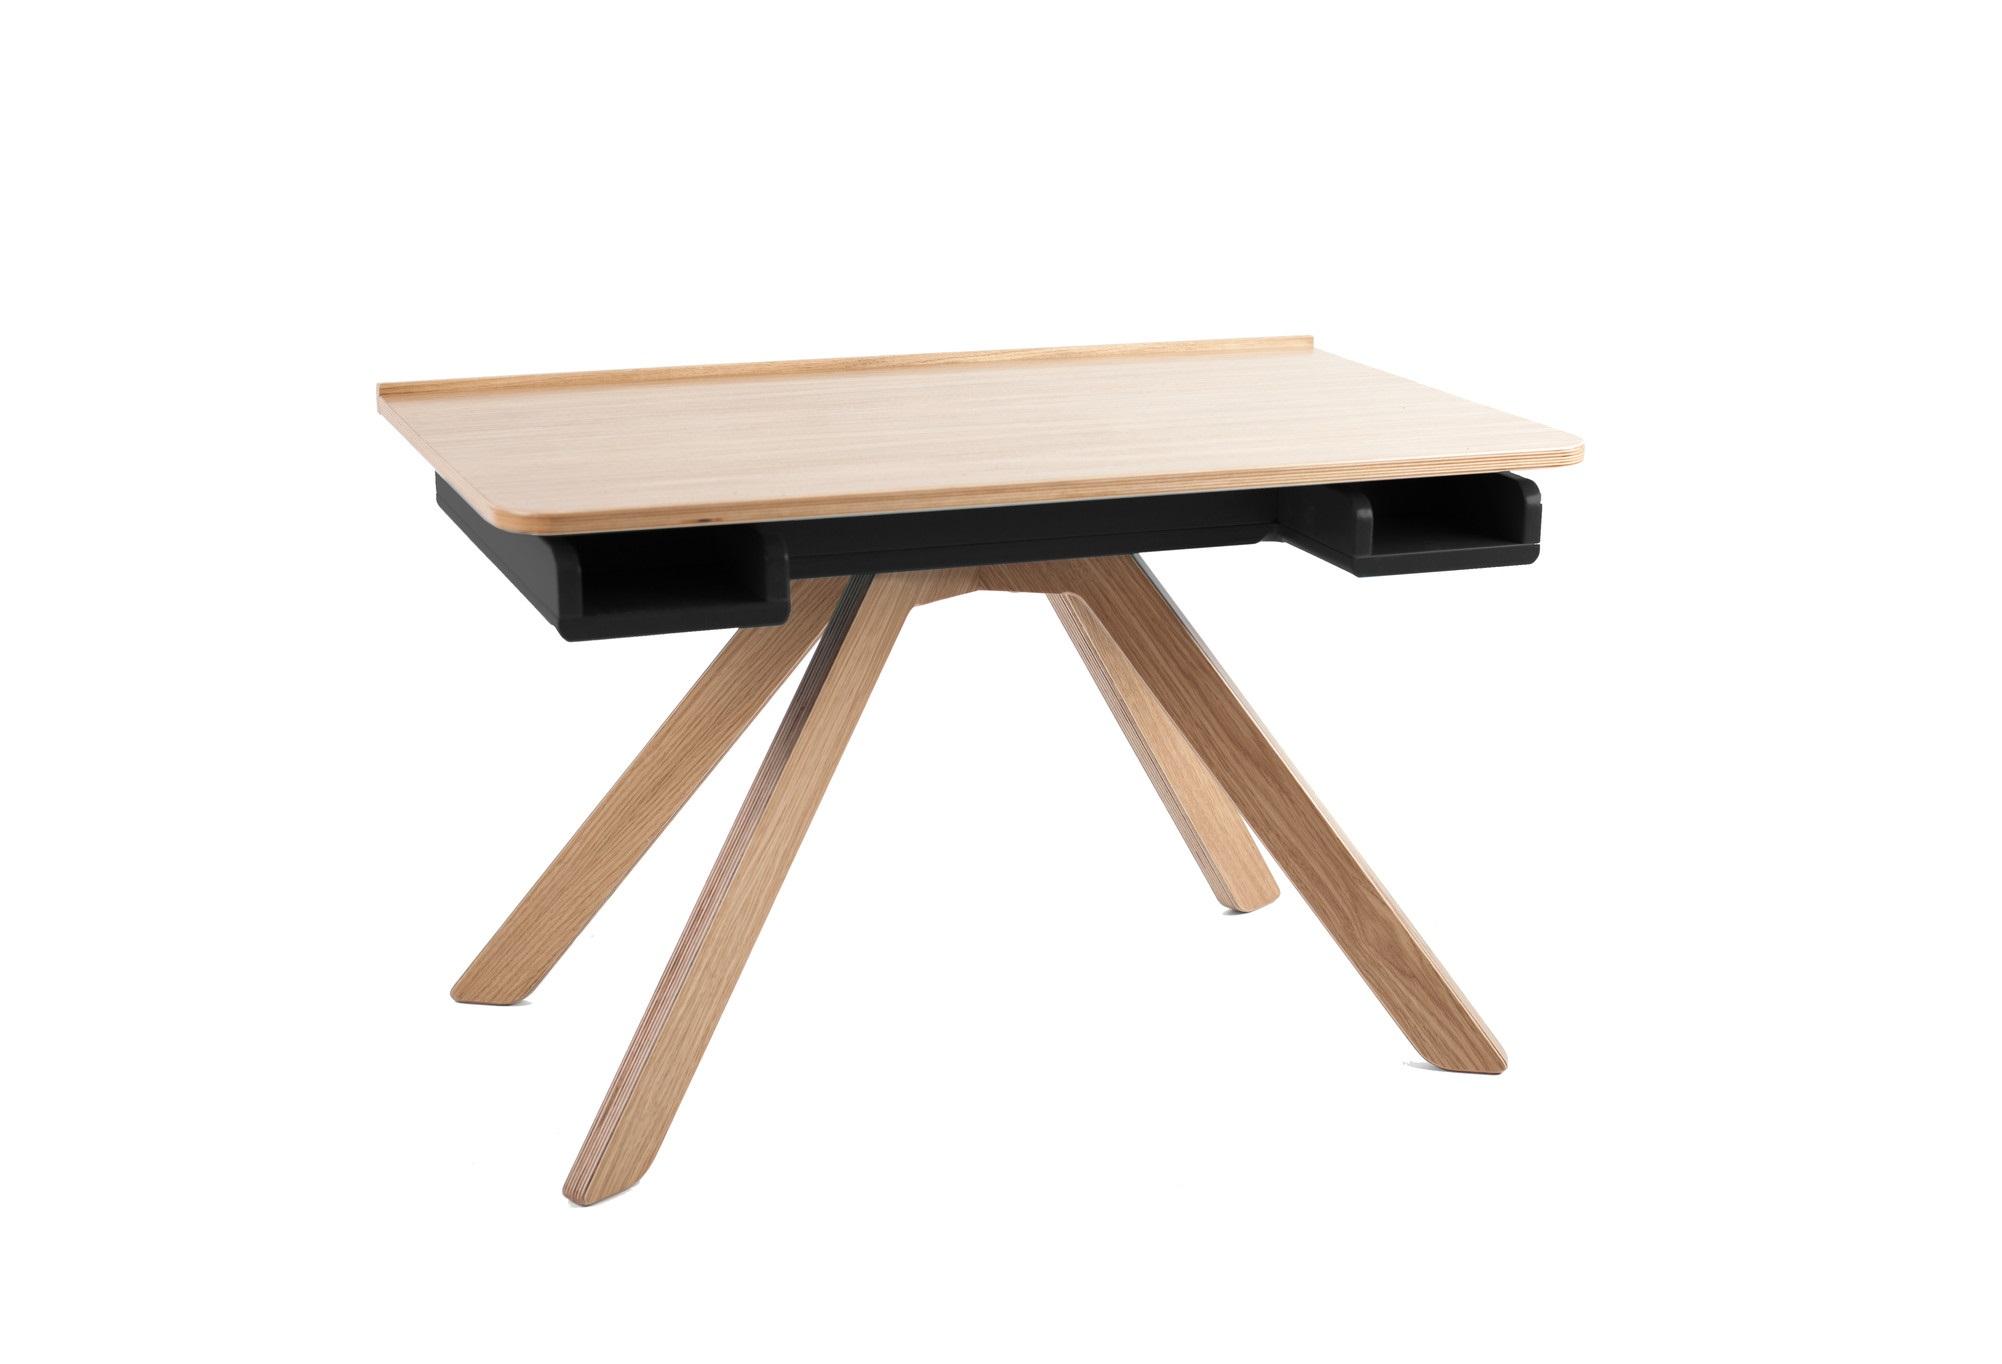 Стол-мольберт MalevichДетские письменные столики<br>&amp;lt;div&amp;gt;Стол многофункционален: его можно использовать как место для лепки, чтения, или игры, так и в качестве мольберта для рисования и предмета для хранения.&amp;amp;nbsp;&amp;lt;/div&amp;gt;&amp;lt;div&amp;gt;&amp;lt;br&amp;gt;&amp;lt;/div&amp;gt;&amp;lt;div&amp;gt;- Вместительное пространство для хранения позволит сохранить порядок в комнате, ведь туда с легкостью поместится все необходимое для творчества.&amp;amp;nbsp;&amp;lt;/div&amp;gt;&amp;lt;div&amp;gt;- На столешнице есть специальная накладка, куда ребенок при использовании мольберта может класть кисточки и карандаши.&amp;amp;nbsp;&amp;lt;/div&amp;gt;&amp;lt;div&amp;gt;- В столе также есть небольшие полочки, к которым есть доступ при закрытой столешнице, туда ребенок может положить карандаши, маленькую игрушку или еще какую-то мелочь.&amp;amp;nbsp;&amp;lt;/div&amp;gt;&amp;lt;div&amp;gt;- Столешница сделана из фанеры, покрыта дубовым шпоном и выкрашена прозрачным лаком и это не случайно: царапины и вмятины не будут заметны так сильно, как на столешницах, выкрашенных эмалью.&amp;amp;nbsp;&amp;lt;/div&amp;gt;&amp;lt;div&amp;gt;- Благодаря удобным механизмам и наличию зазоров между столешницей и отсеком для хранения, ребенок сможет самостоятельно поднимать и опускать столешницу, не прищемляя пальчики.&amp;amp;nbsp;&amp;lt;/div&amp;gt;&amp;lt;div&amp;gt;&amp;lt;br&amp;gt;&amp;lt;/div&amp;gt;&amp;lt;div&amp;gt;Материал: березовая фанера, дубовый шпон.&amp;lt;/div&amp;gt;<br><br>Material: Фанера<br>Width см: 93<br>Depth см: 56<br>Height см: 56